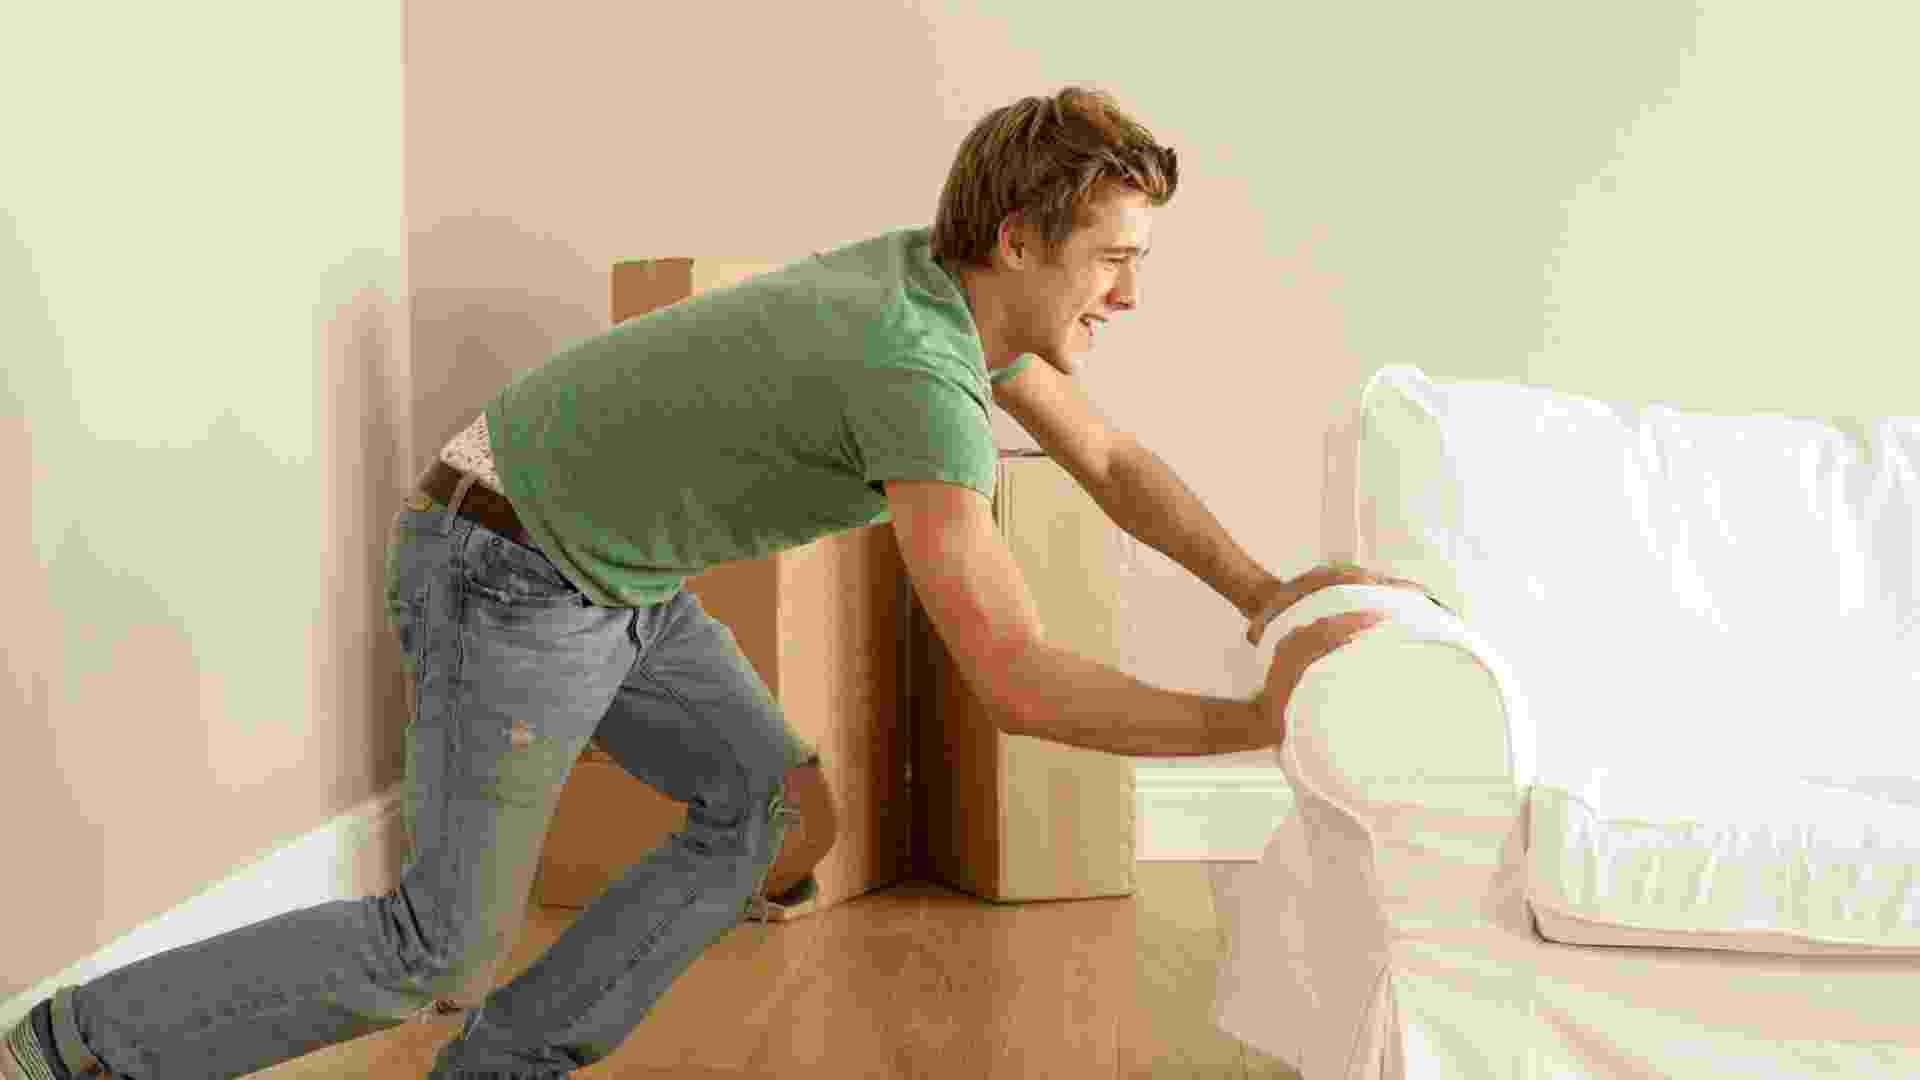 rapaz empurra sofá, limpeza em casa, mudança de casa, ilustra - Thinkstock